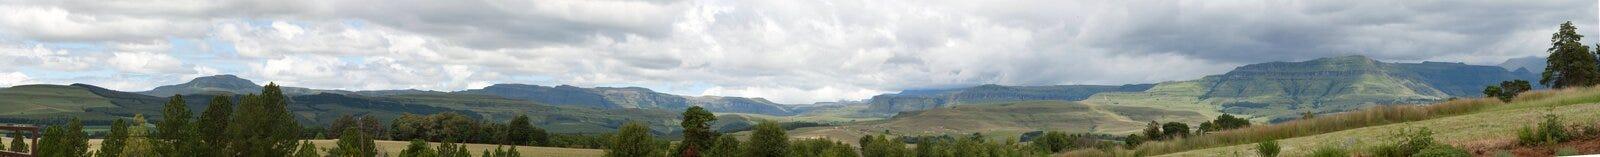 Drakensberg Stock Photo